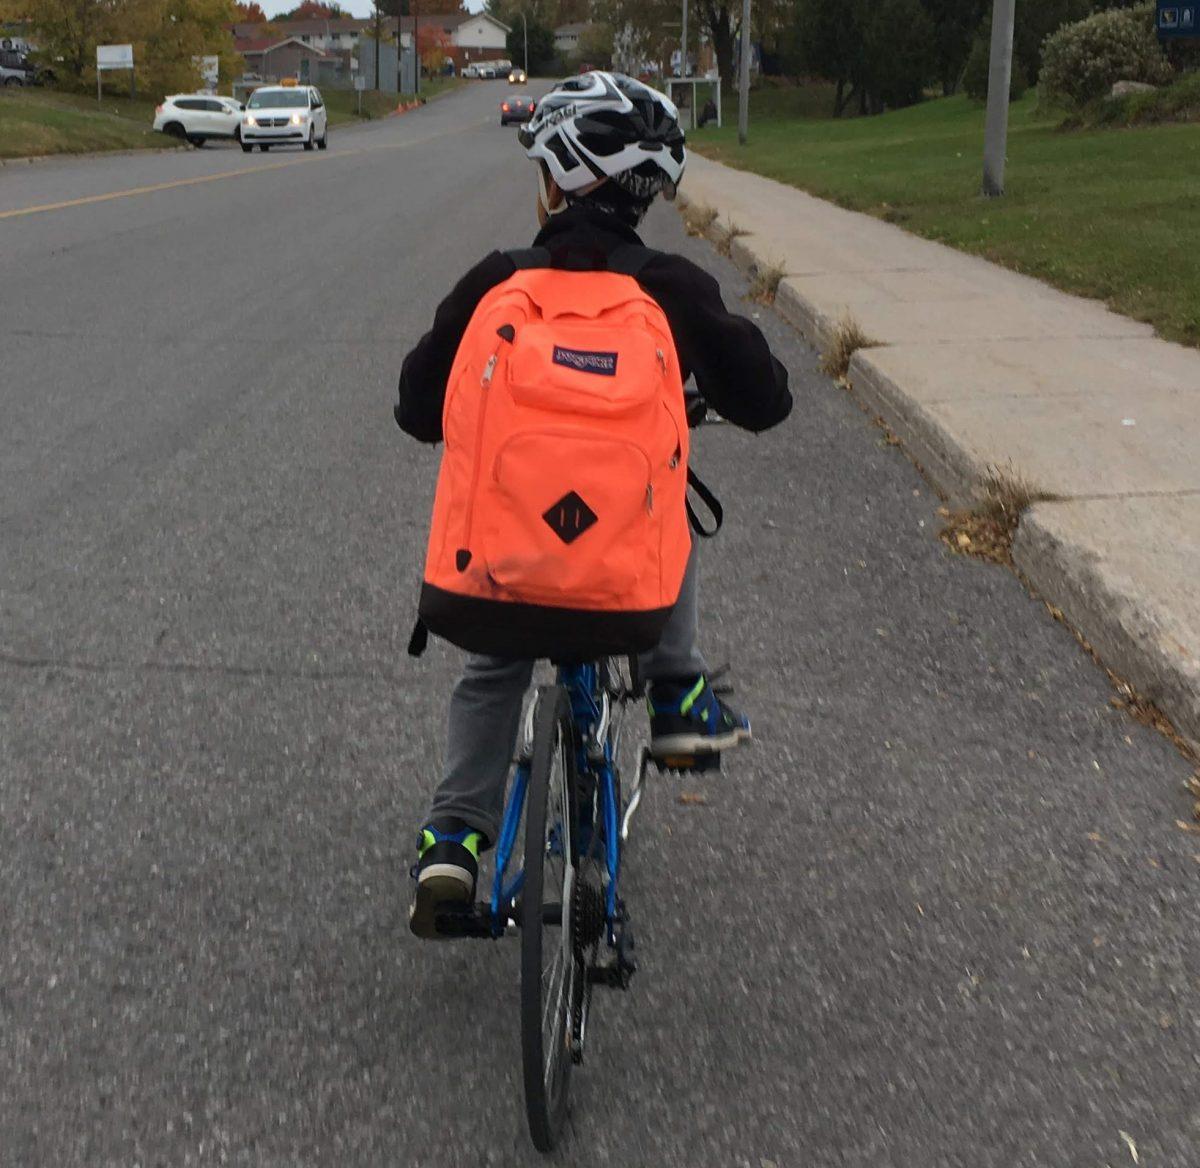 Un enfant à vélo sur la route de l'école